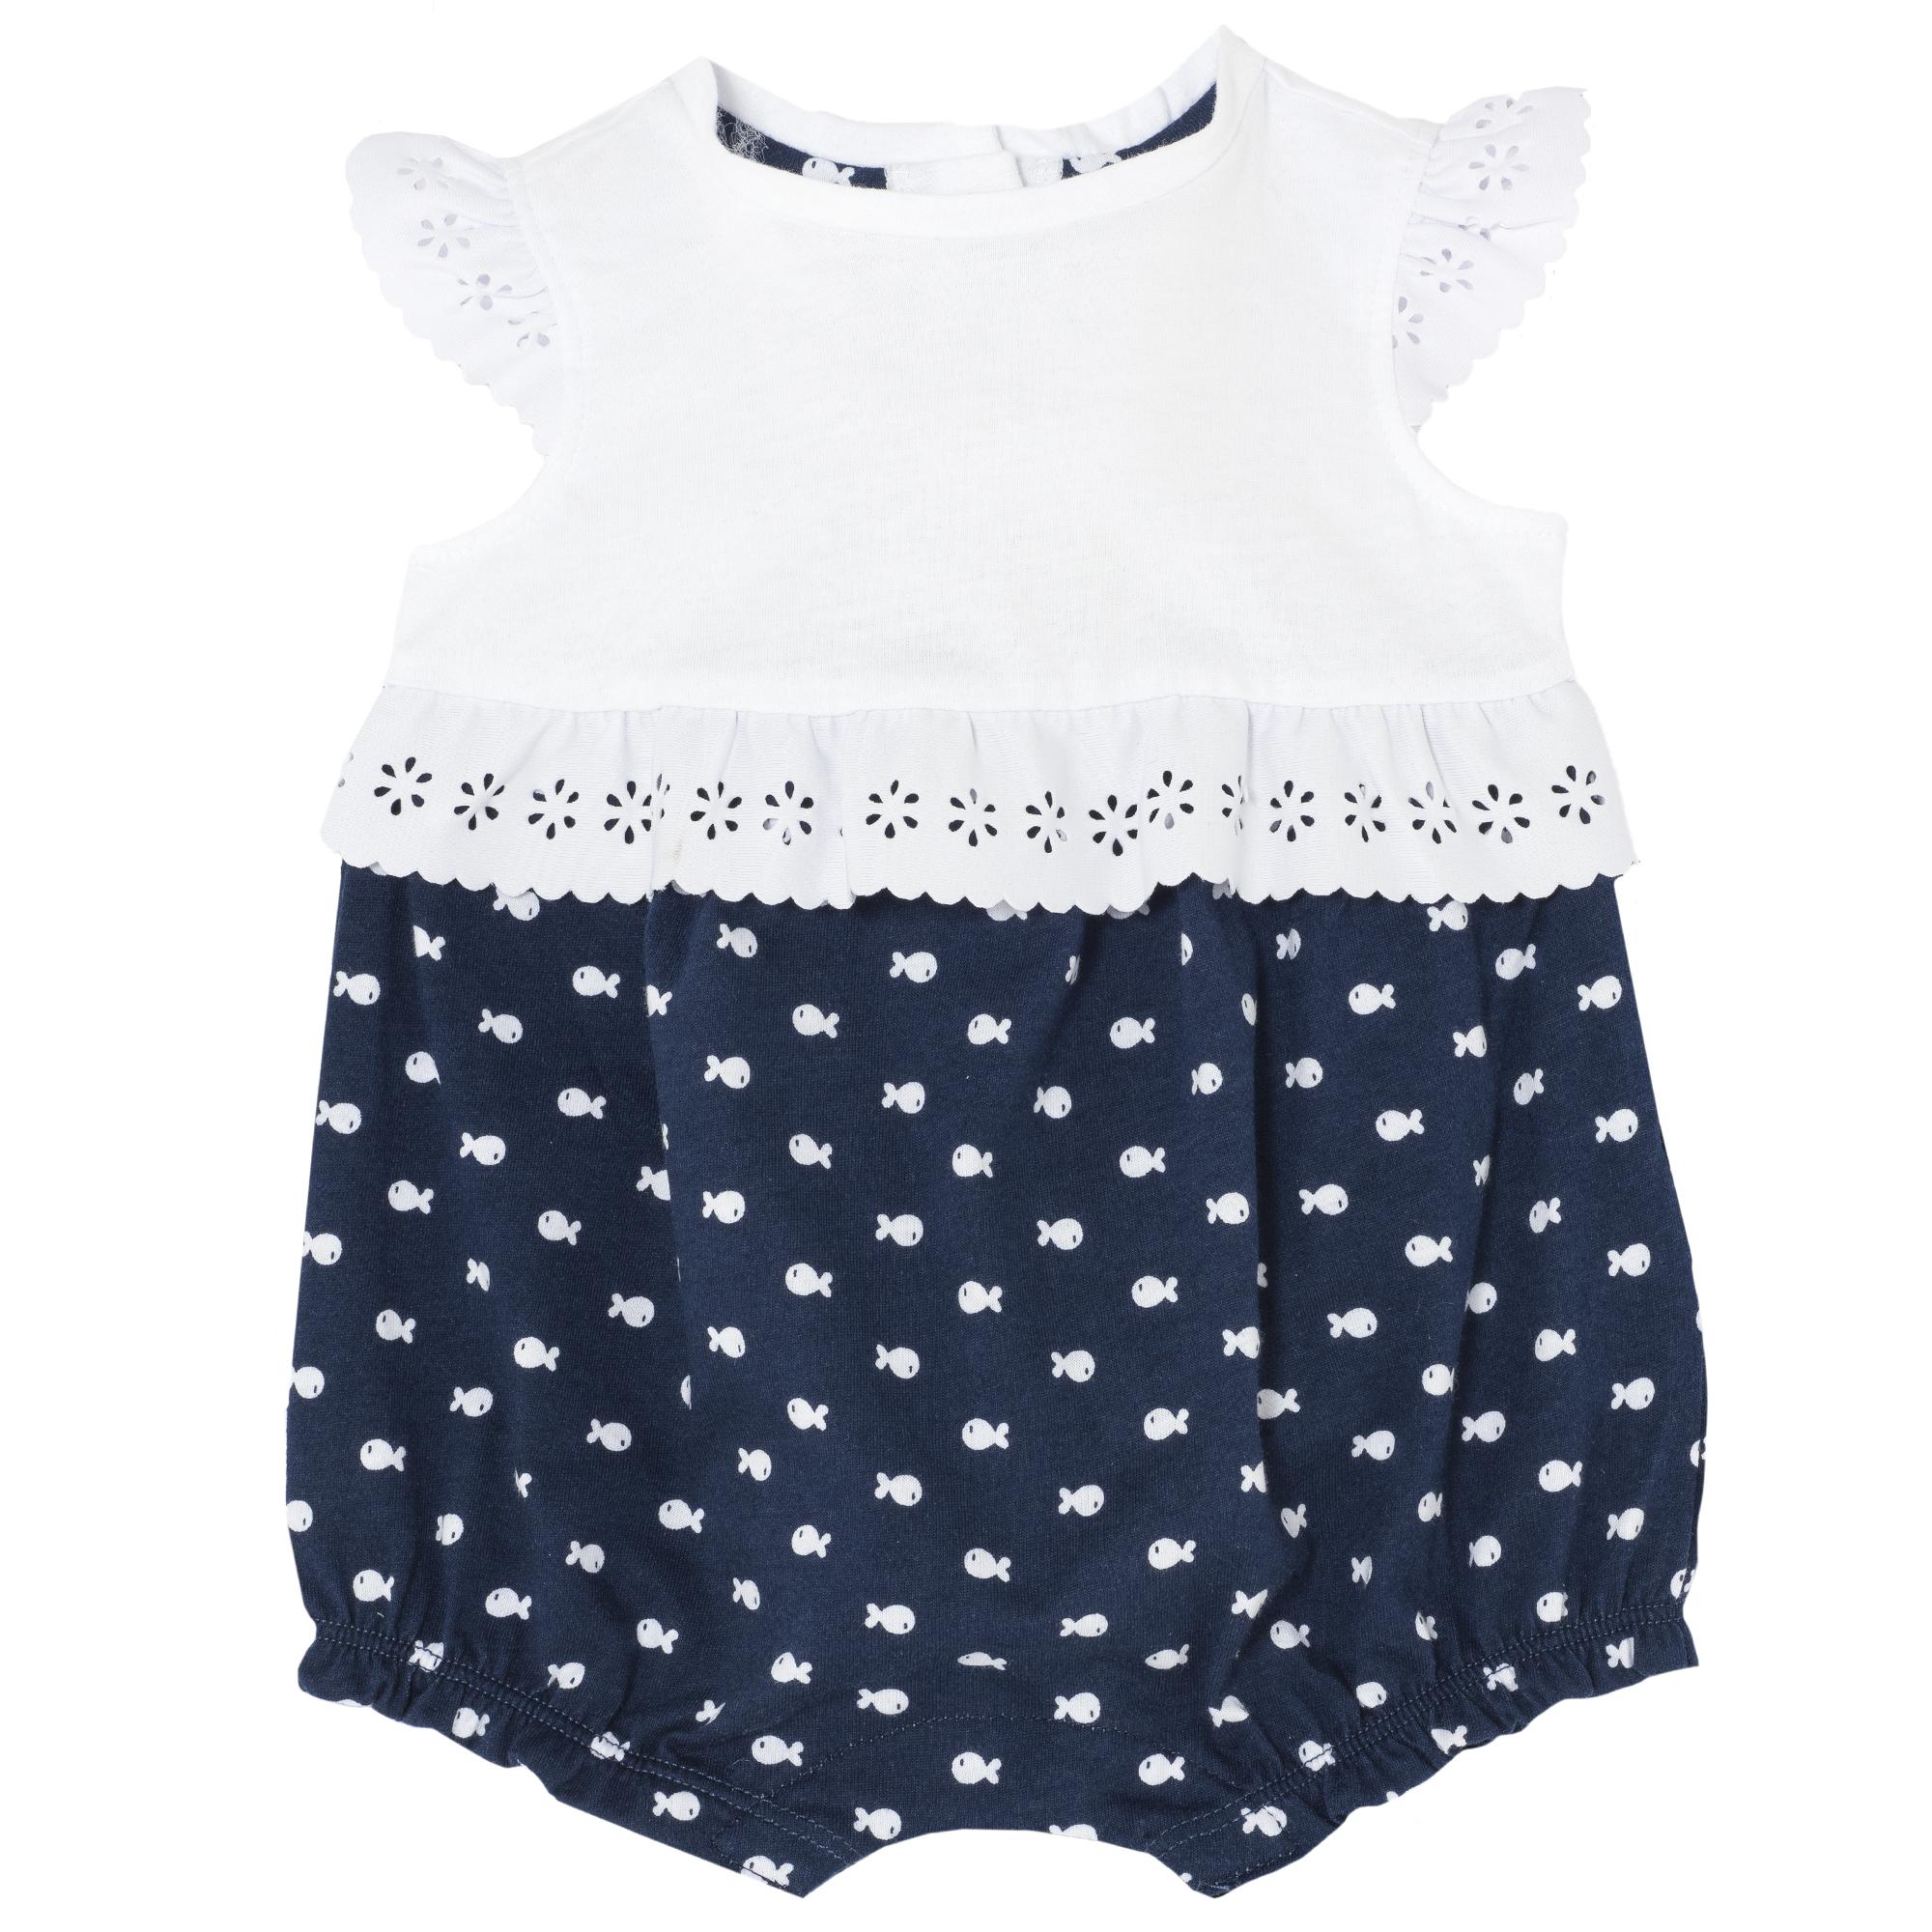 Купить Песочник Chicco р.86 бело-синий, Боди и песочники для малышей